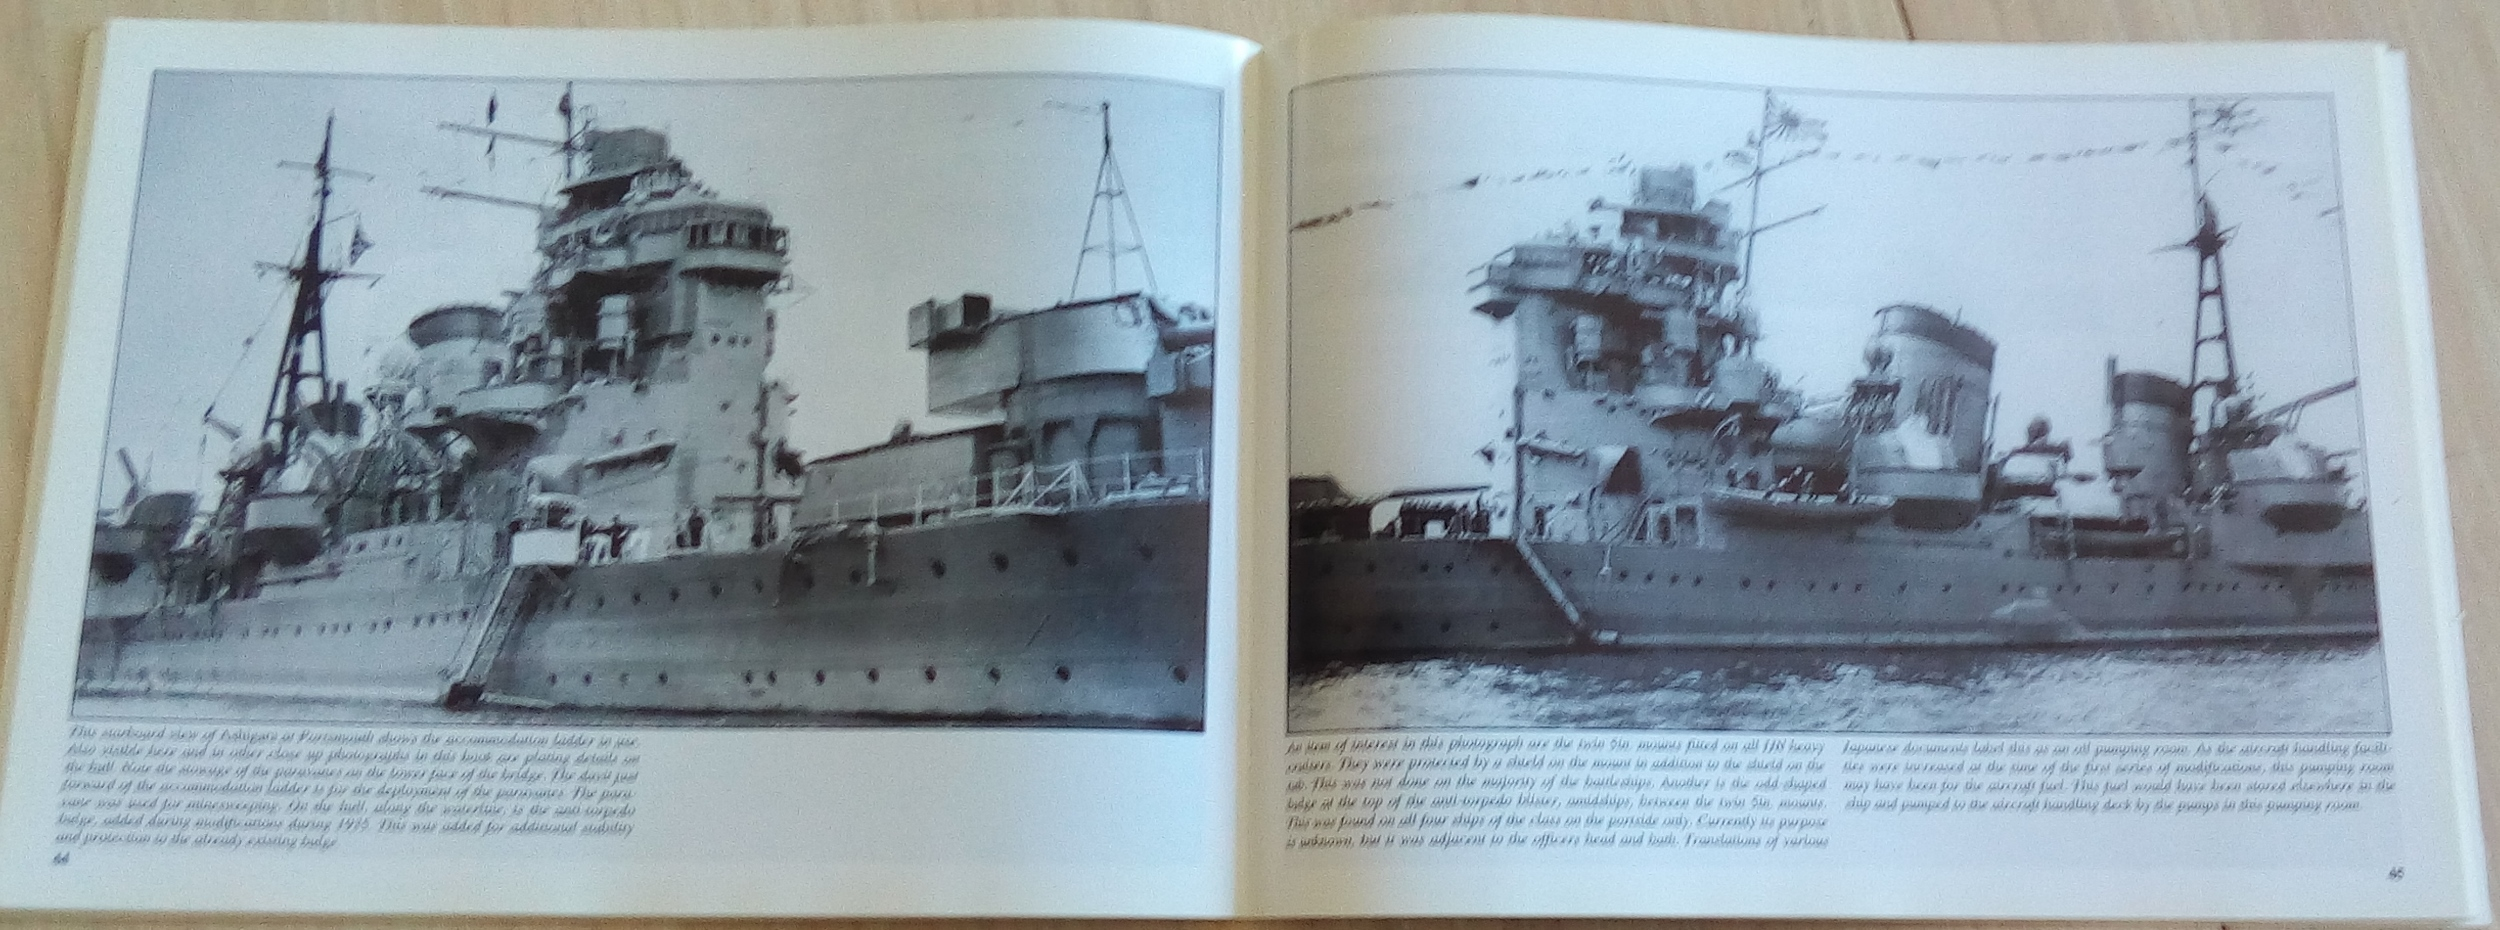 Cuirassé Richelieu 1/100 Vrsion 1943 sur plans Polonais et Sarnet + Dumas - Page 4 374694IMG201612271336392500x930